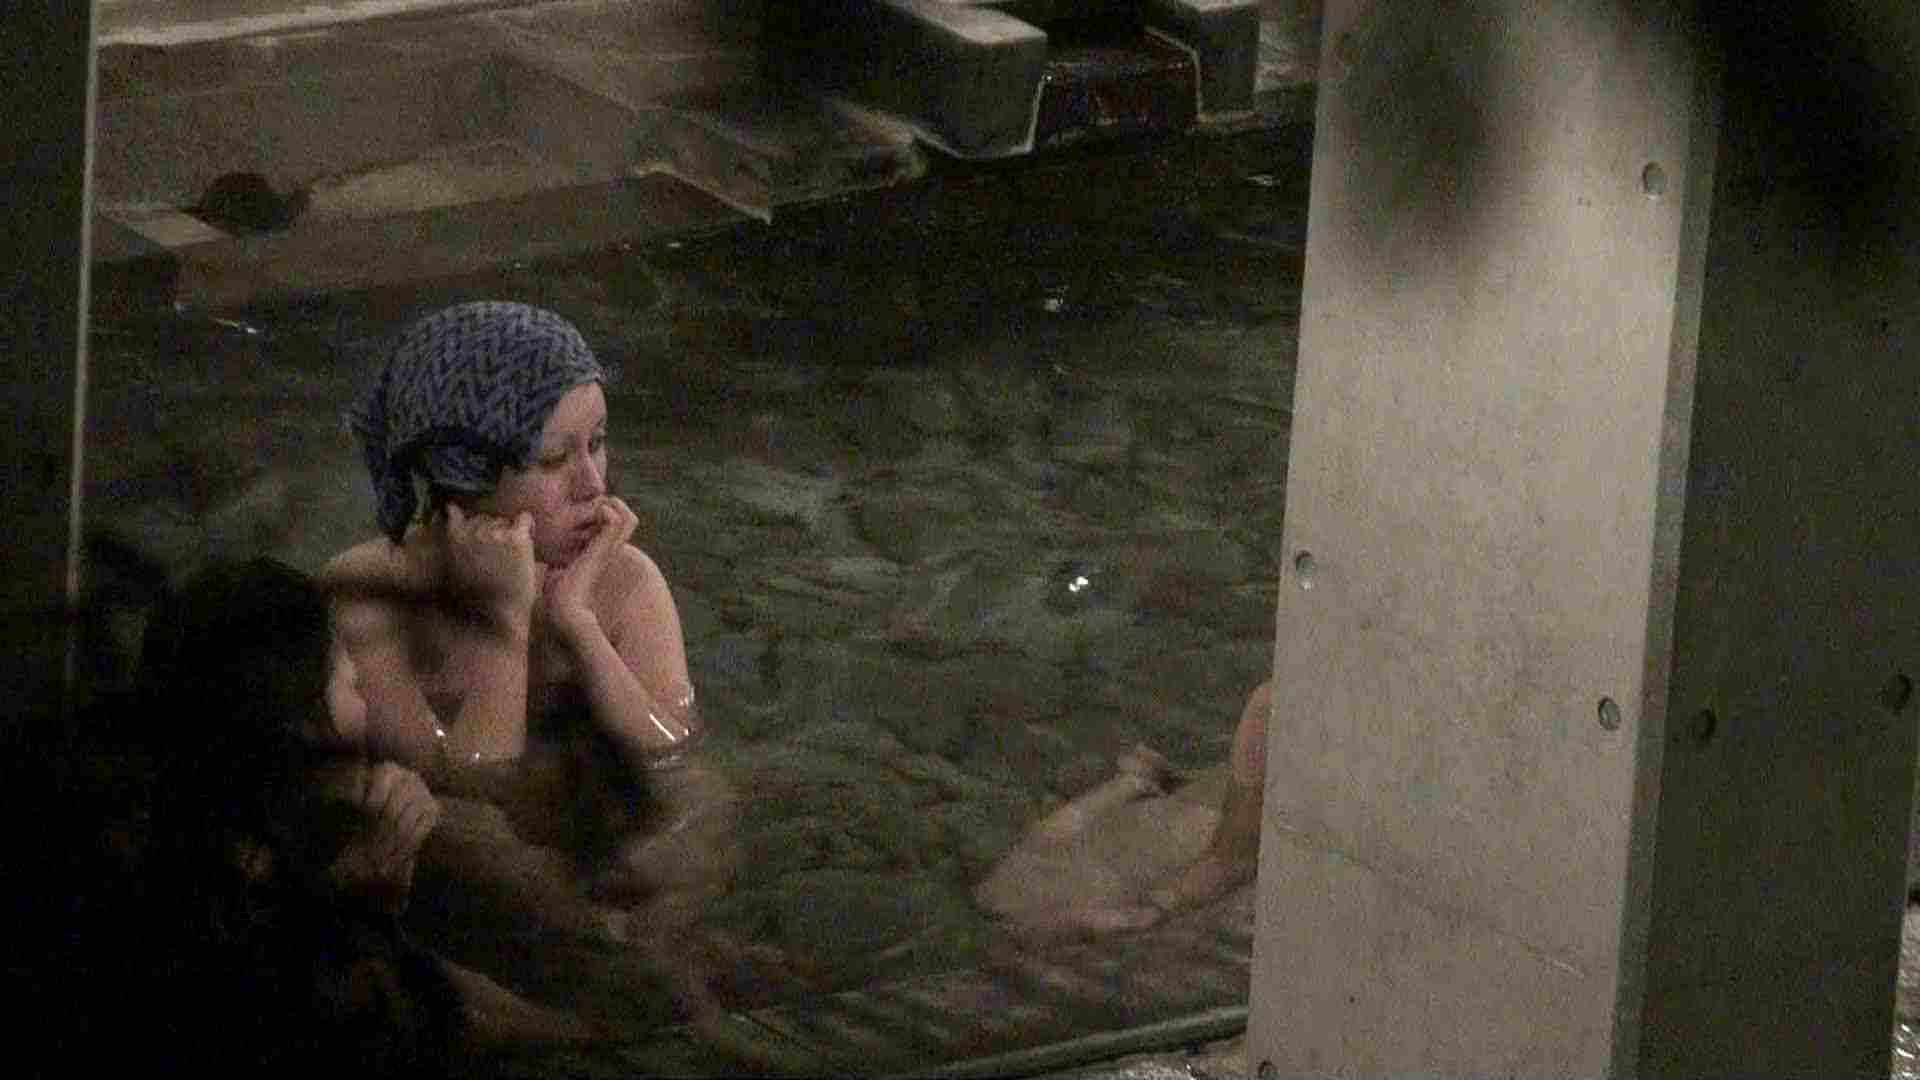 Aquaな露天風呂Vol.367 盗撮師作品 | 美しいOLの裸体  93pic 49